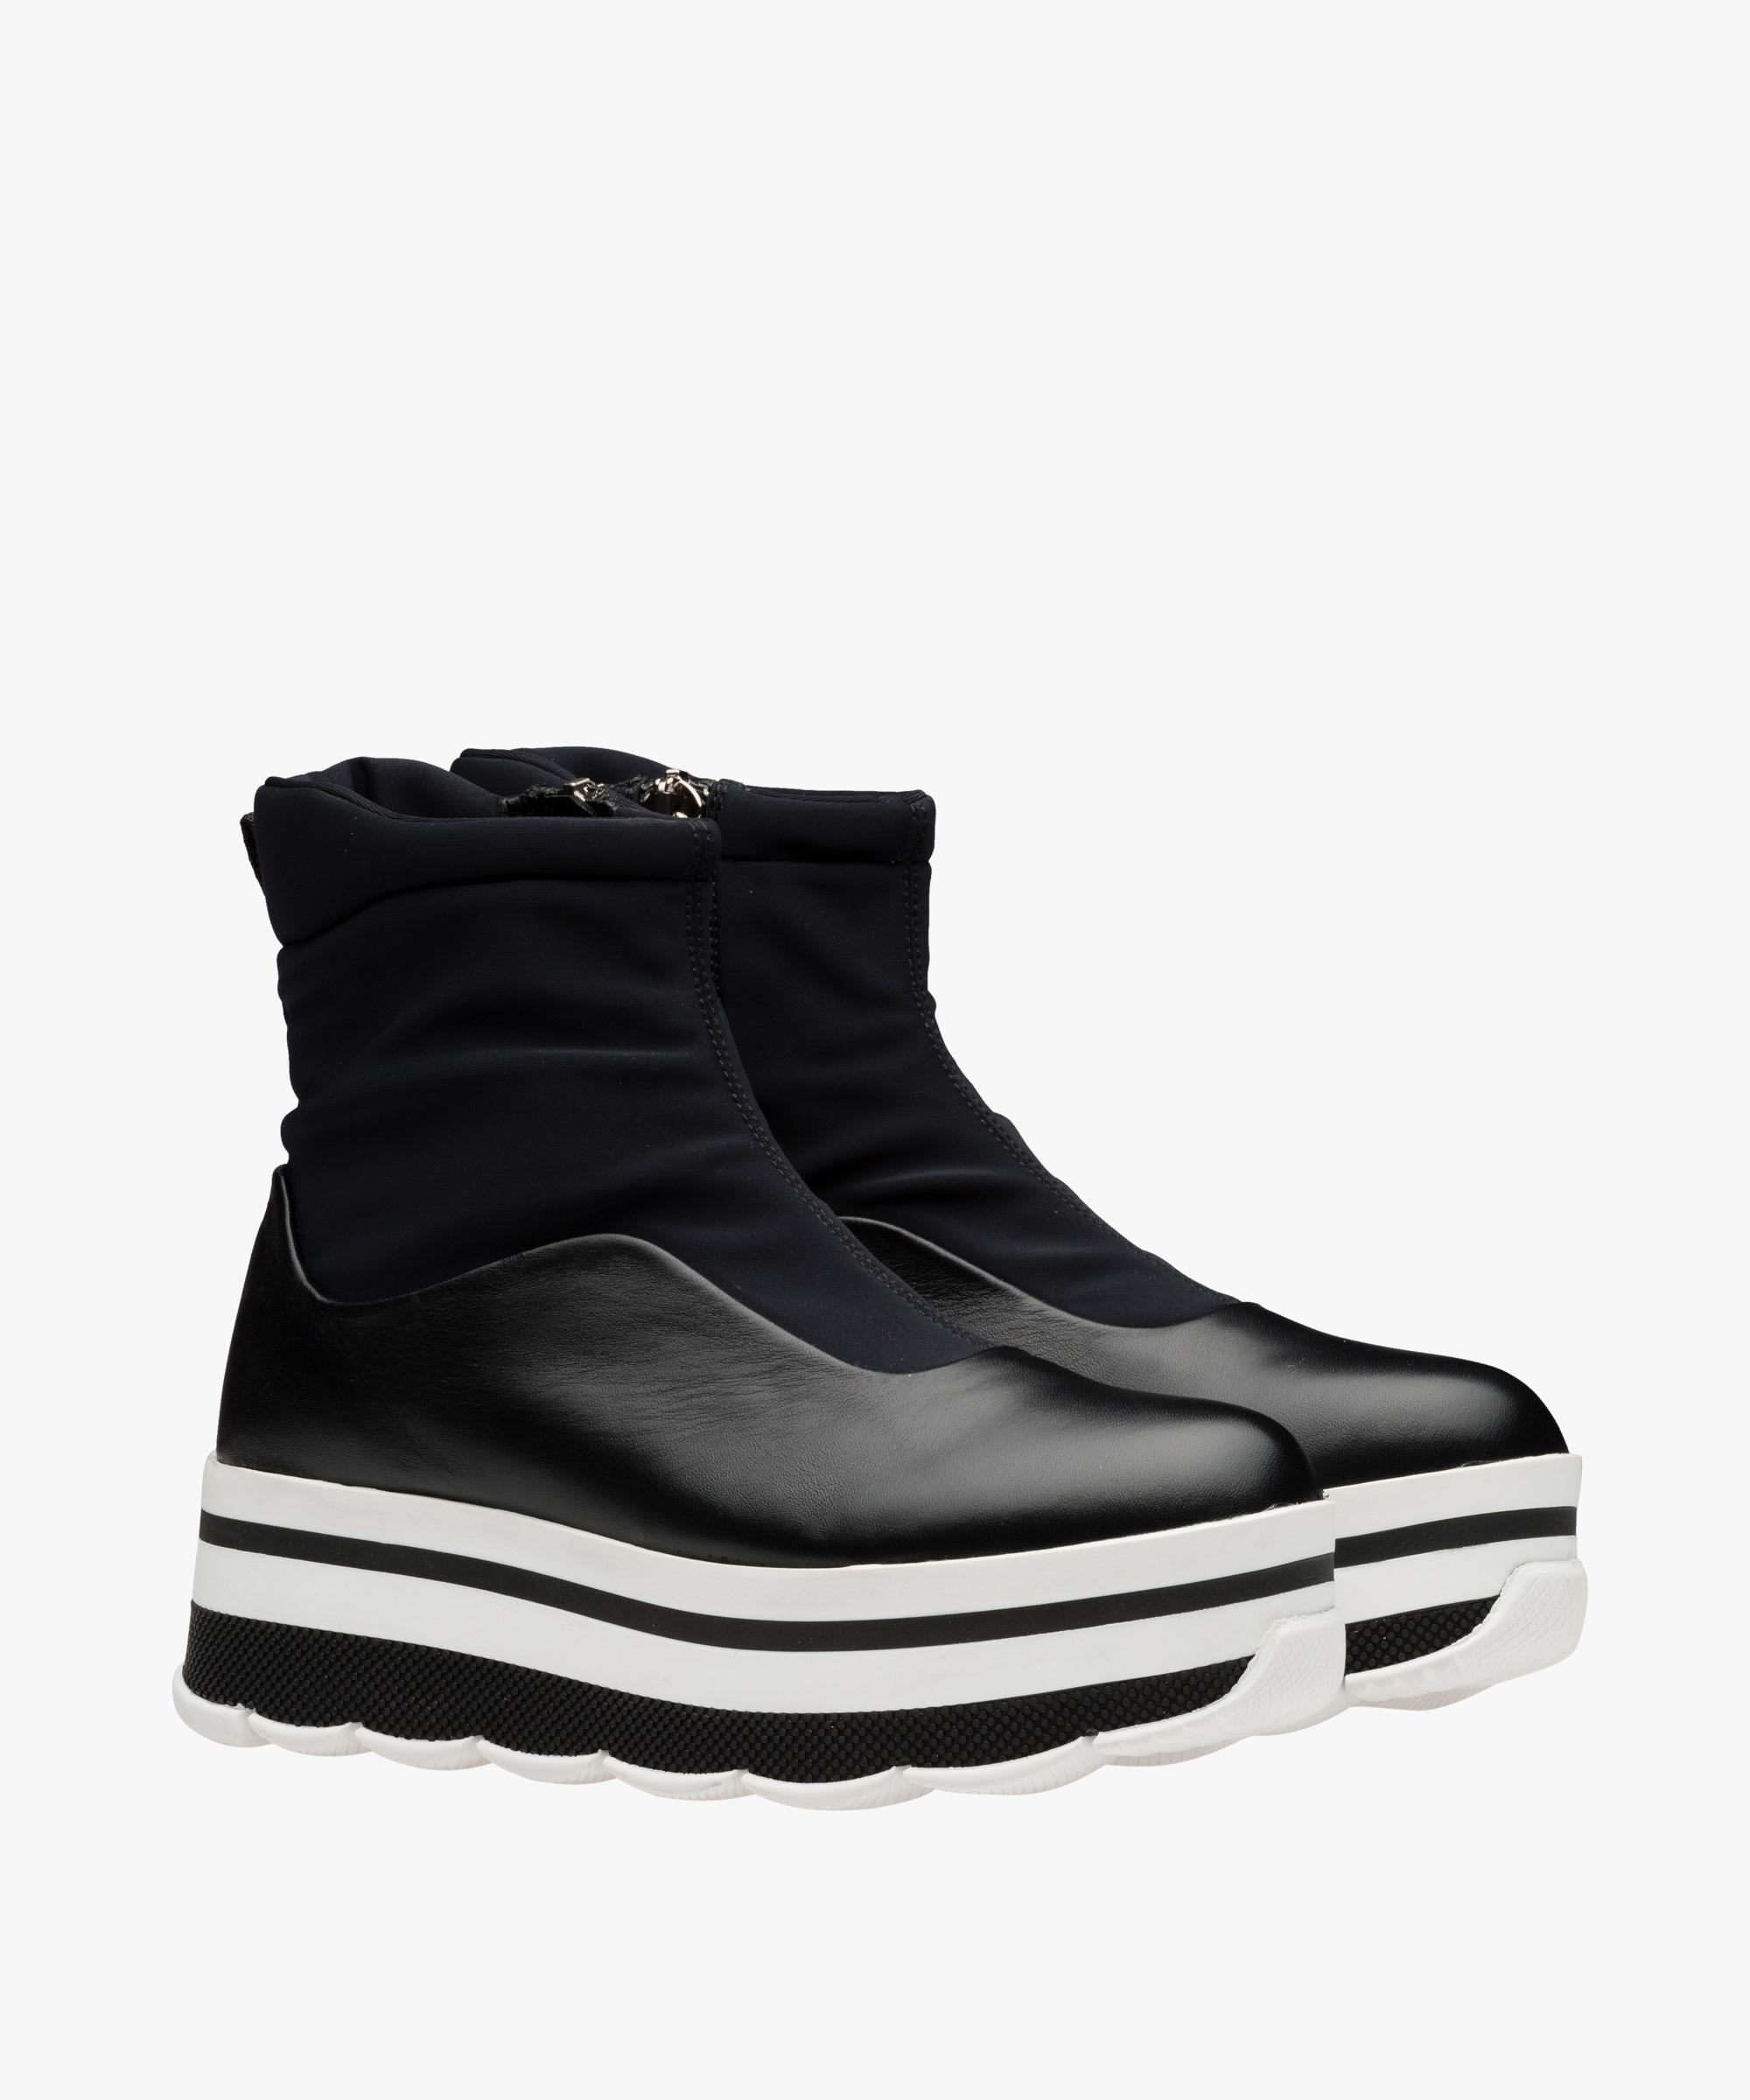 Scarpe Autunno Inverno 2017-2018,sneakers, foto e prezzi